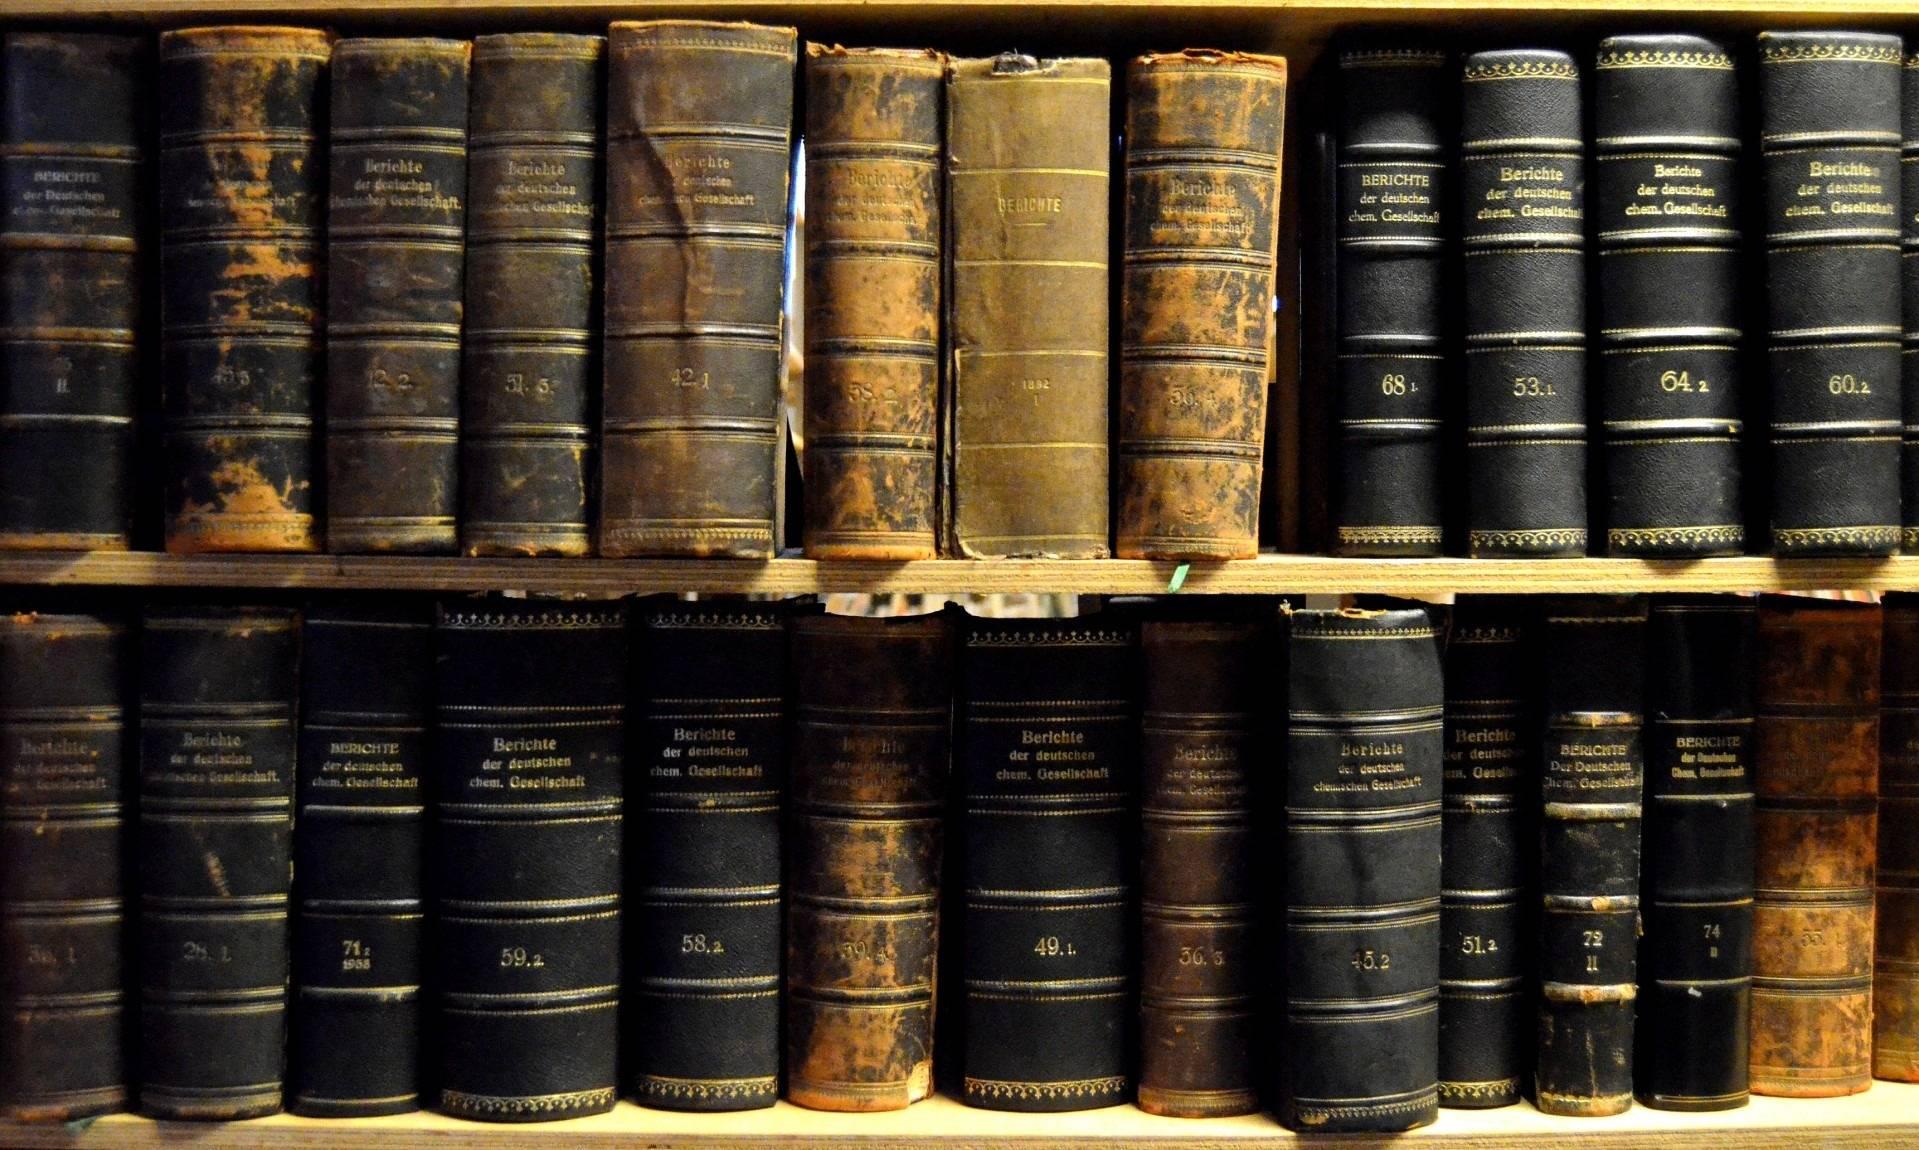 Elle Tente De Revendre Des Livres Anciens Voles A La